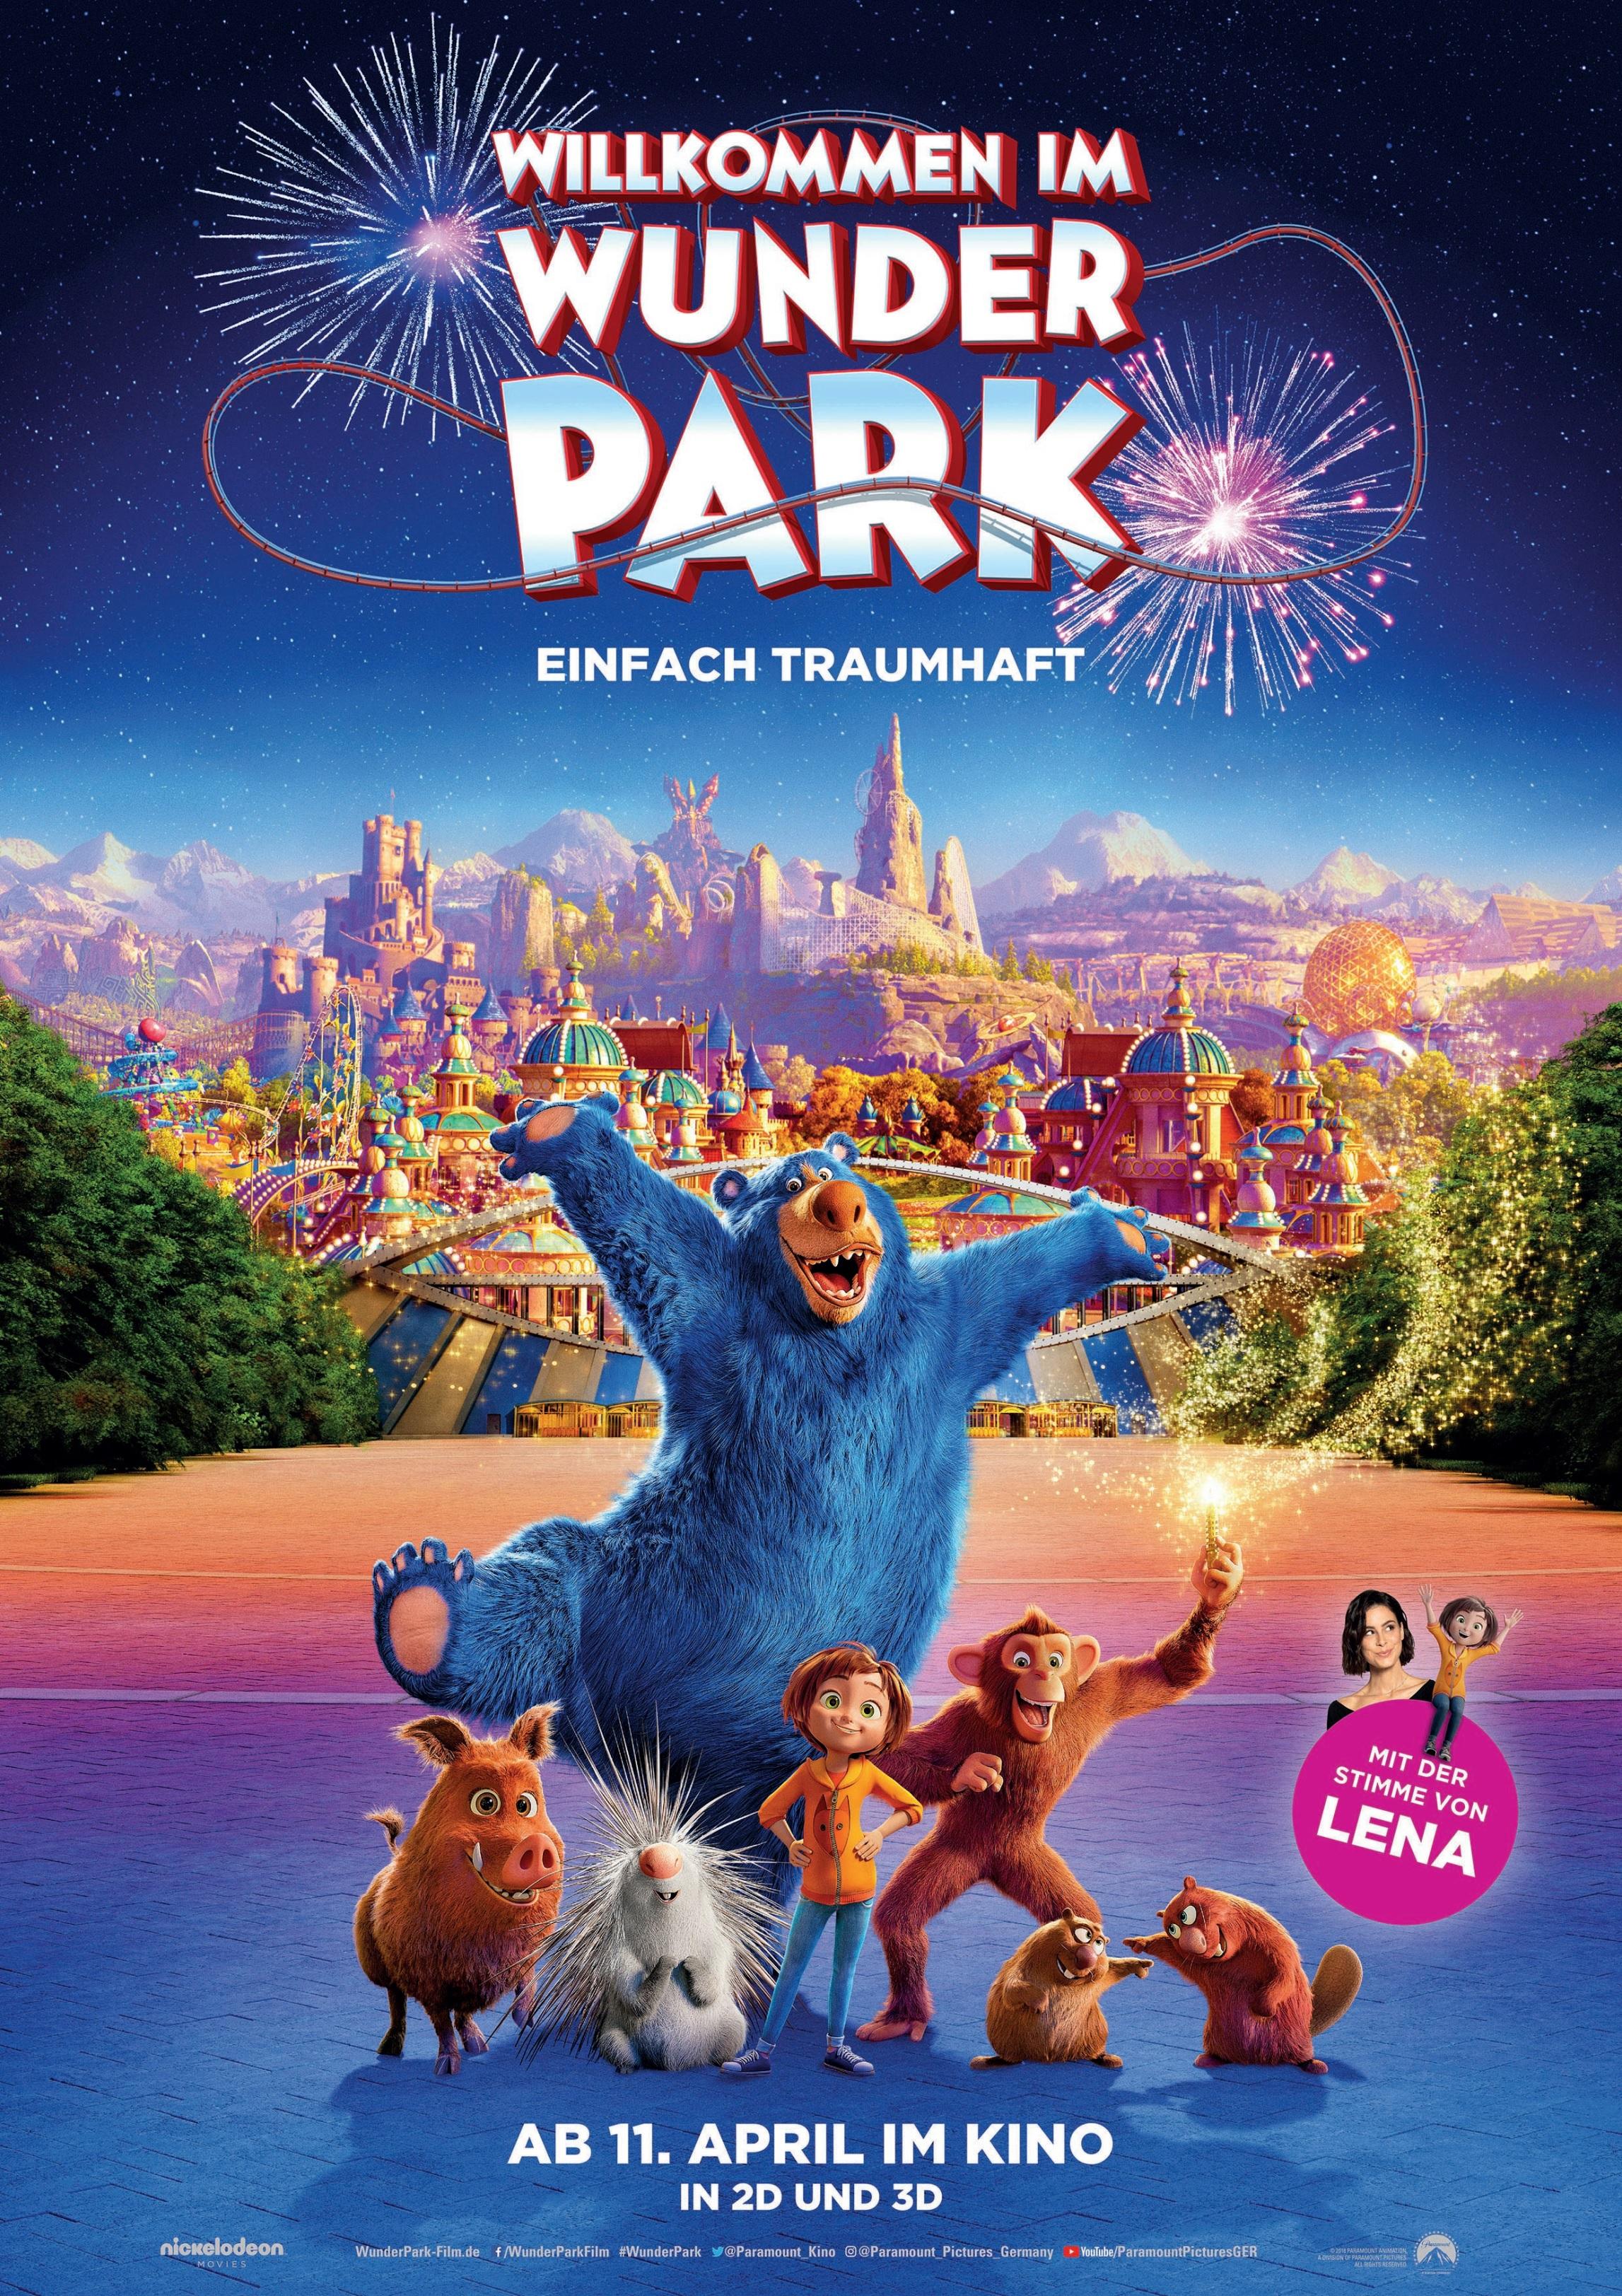 Willkommen Im Wunder Park Film 2019 Trailer Kritik Kinode